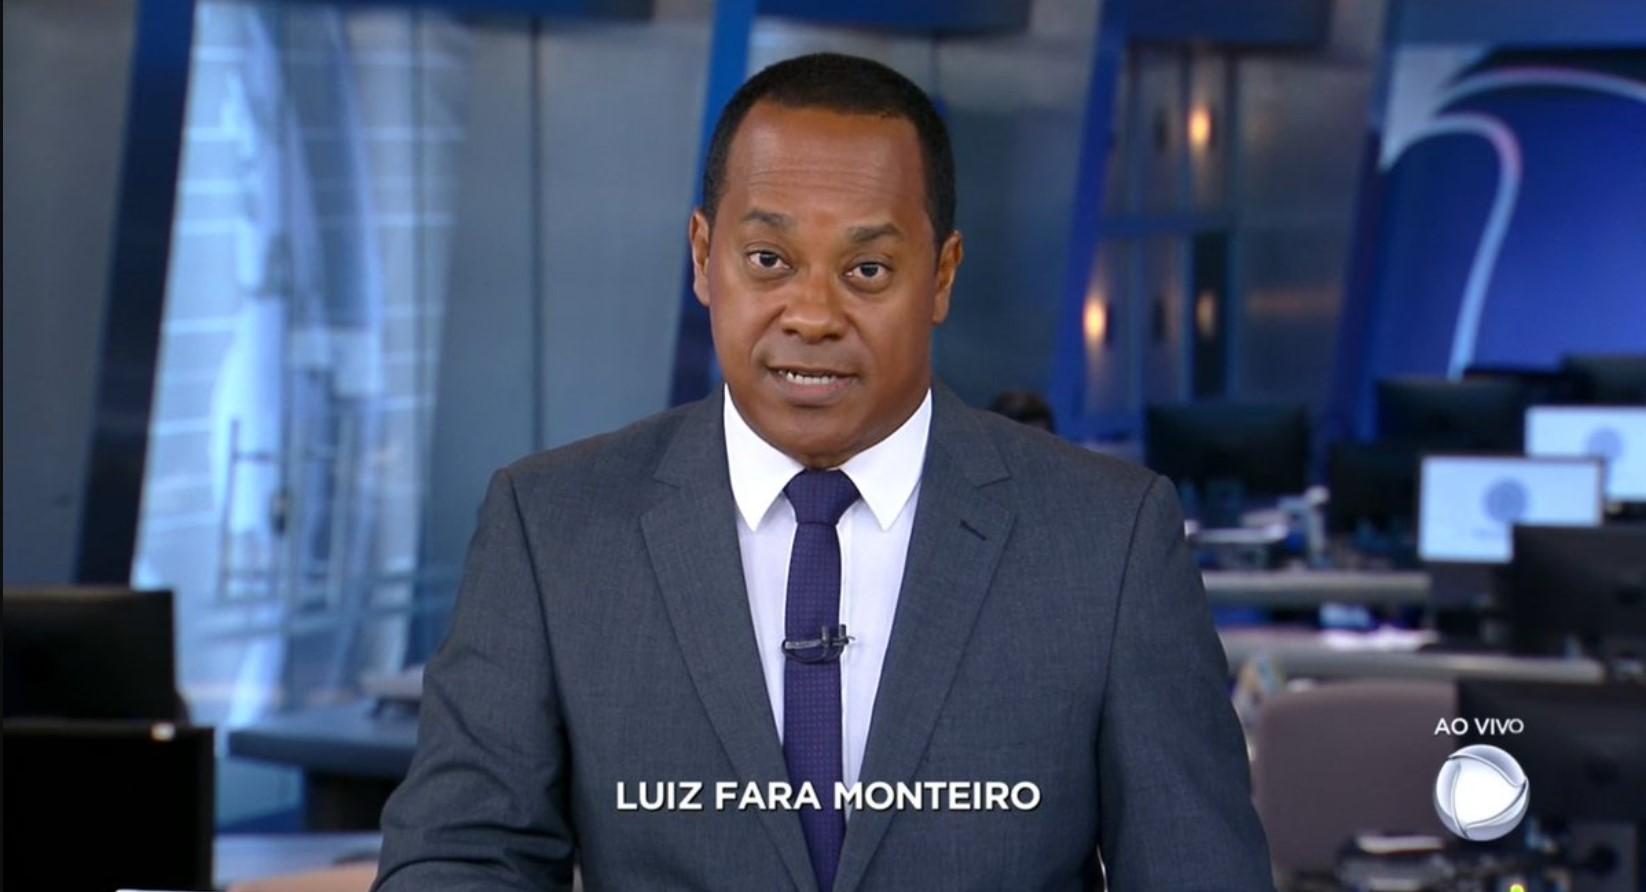 O jornalista Luiz Fara Monteiro em sua estreia na bancada do Jornal da Record (Foto: Reprodução/RecordTV)